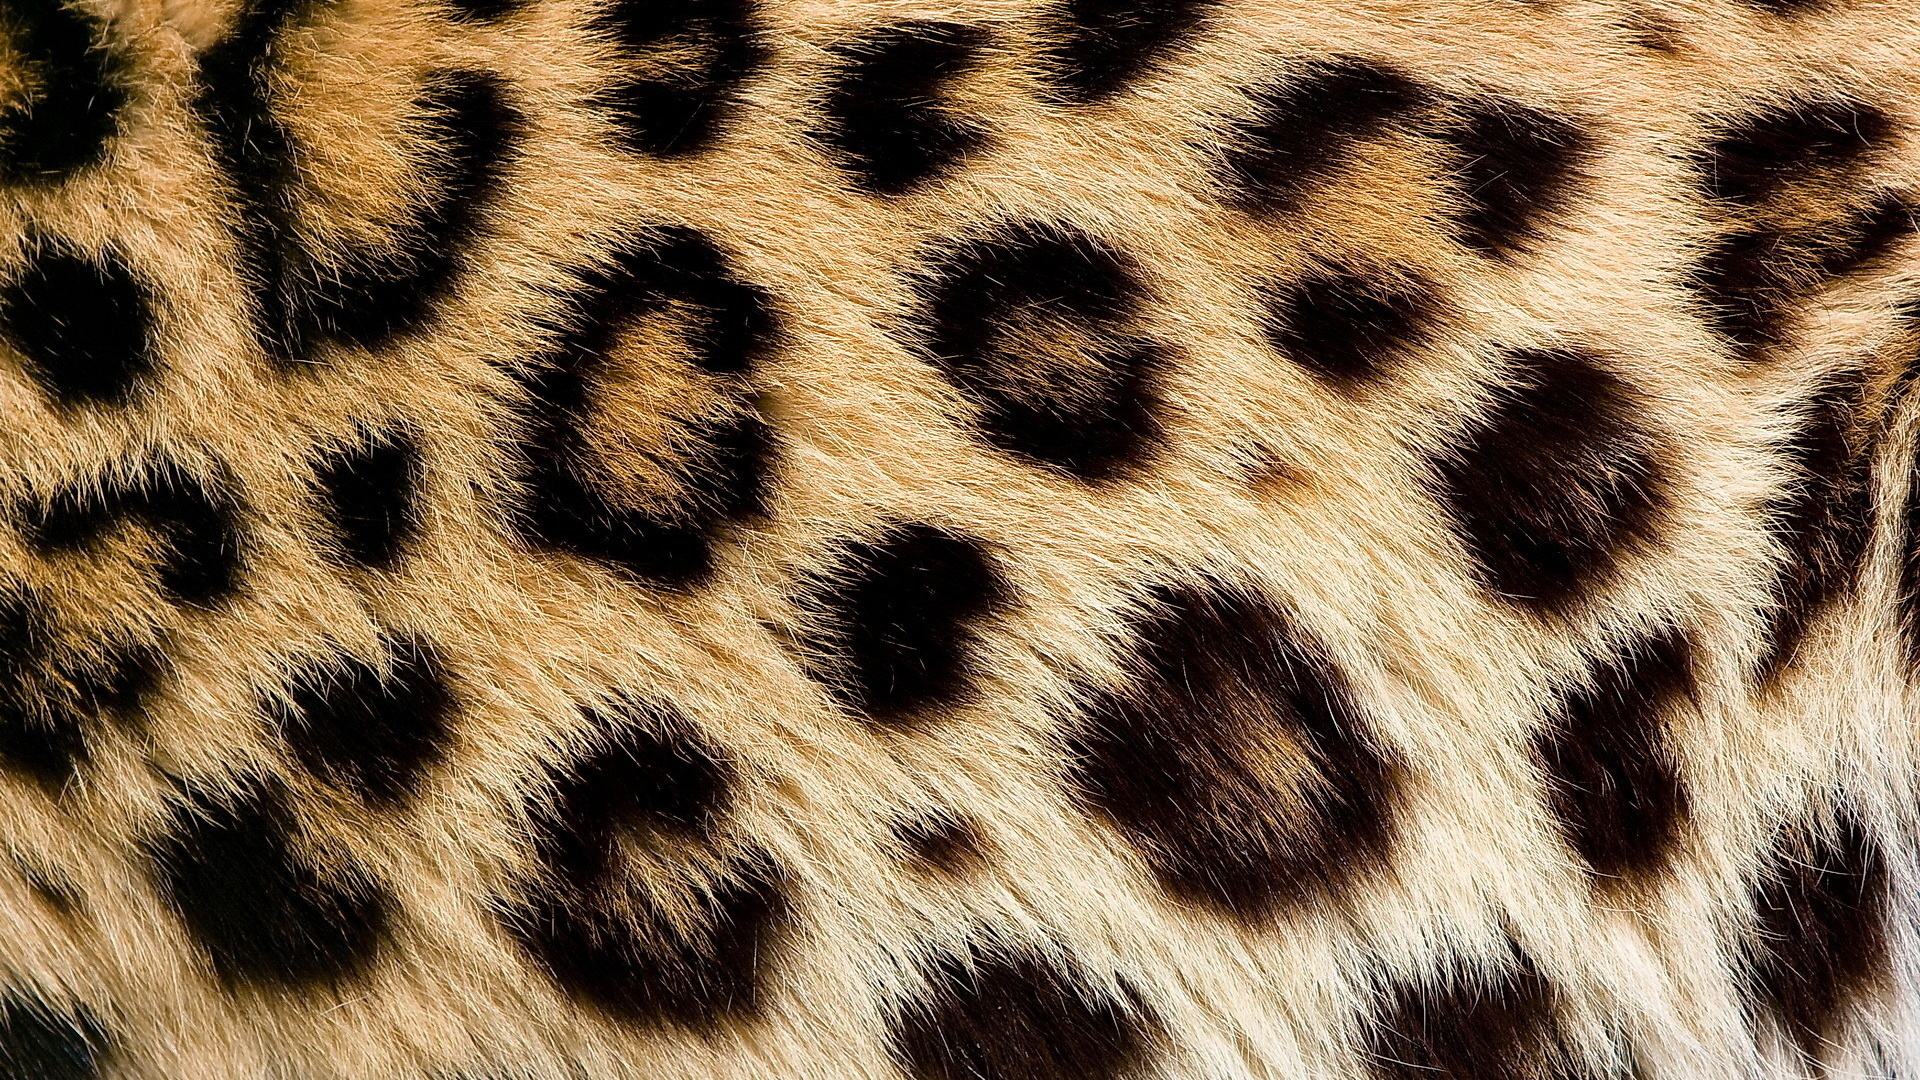 Картинка шерсть животных